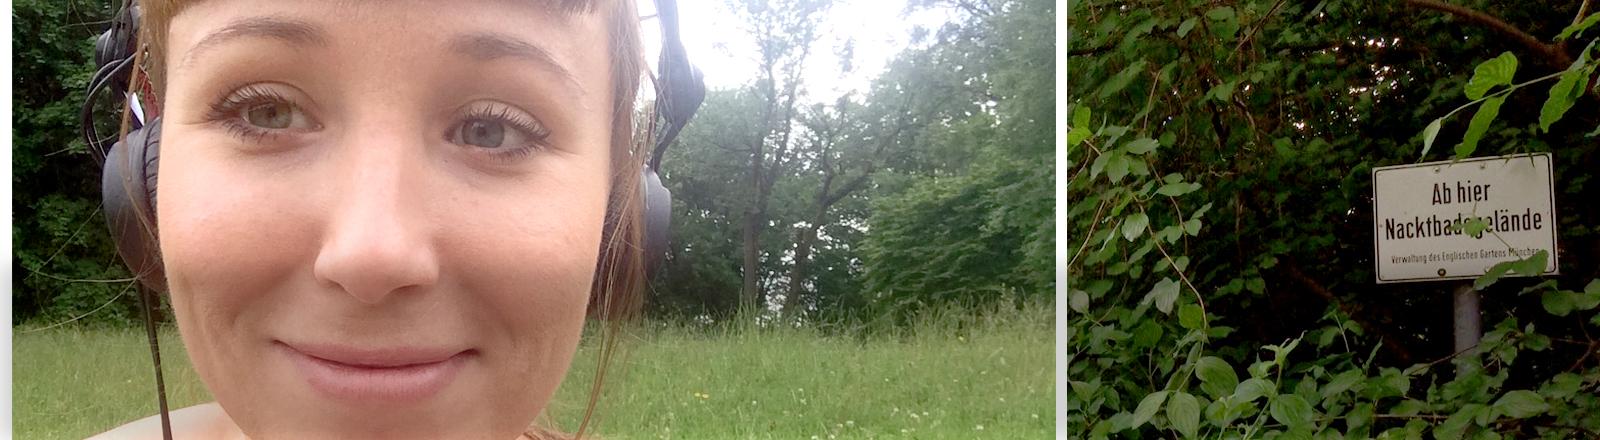 Elisabeth Veh auf der Nudistenwiese